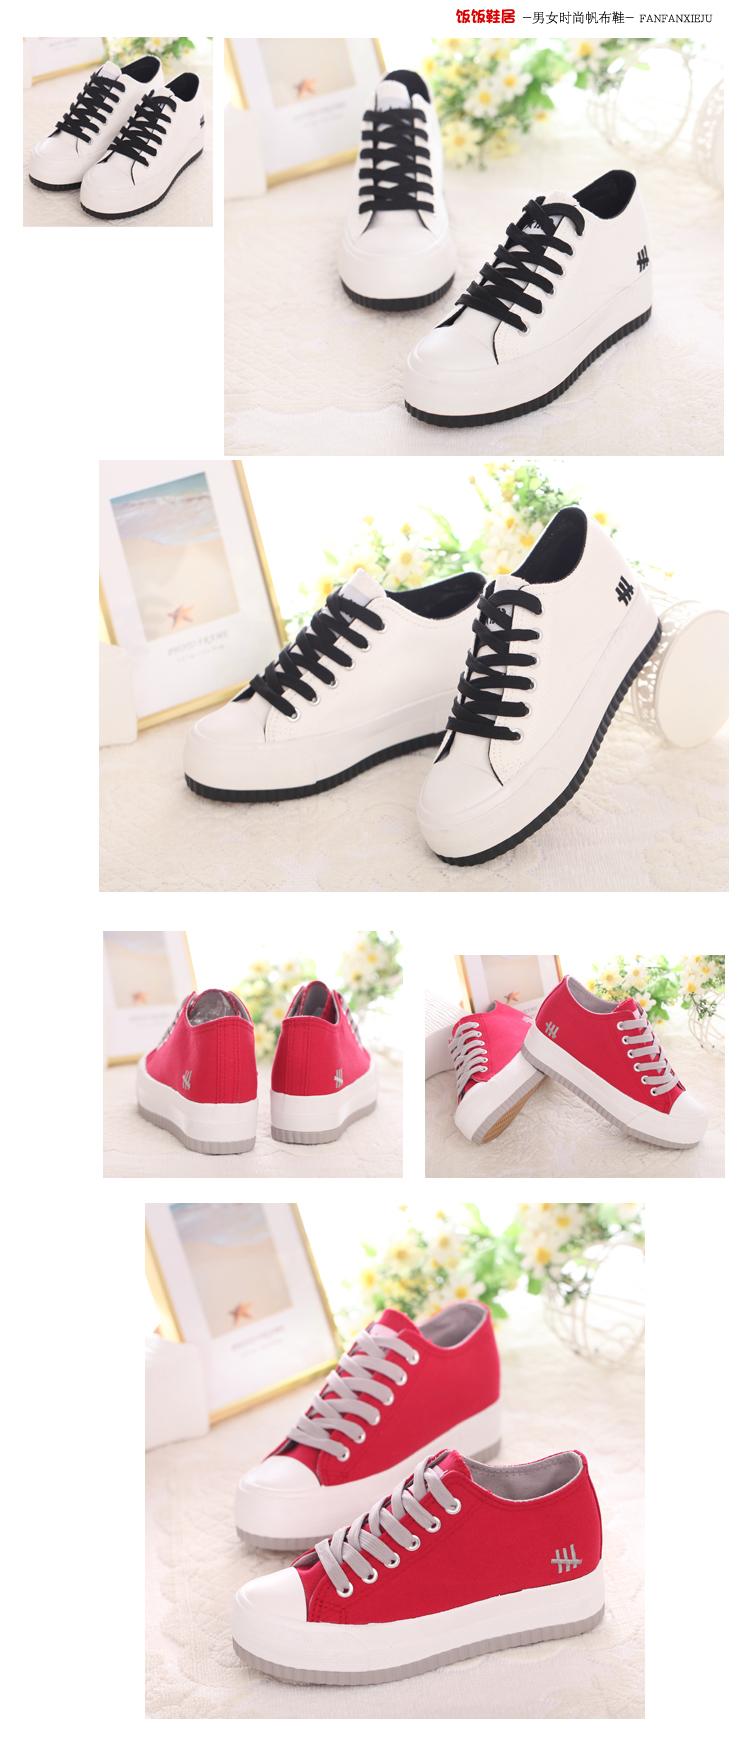 รองเท้าผ้าใบแฟชั่น สไตล์เกาหลี ขนาด 35-39 (พรีออเดอร์)